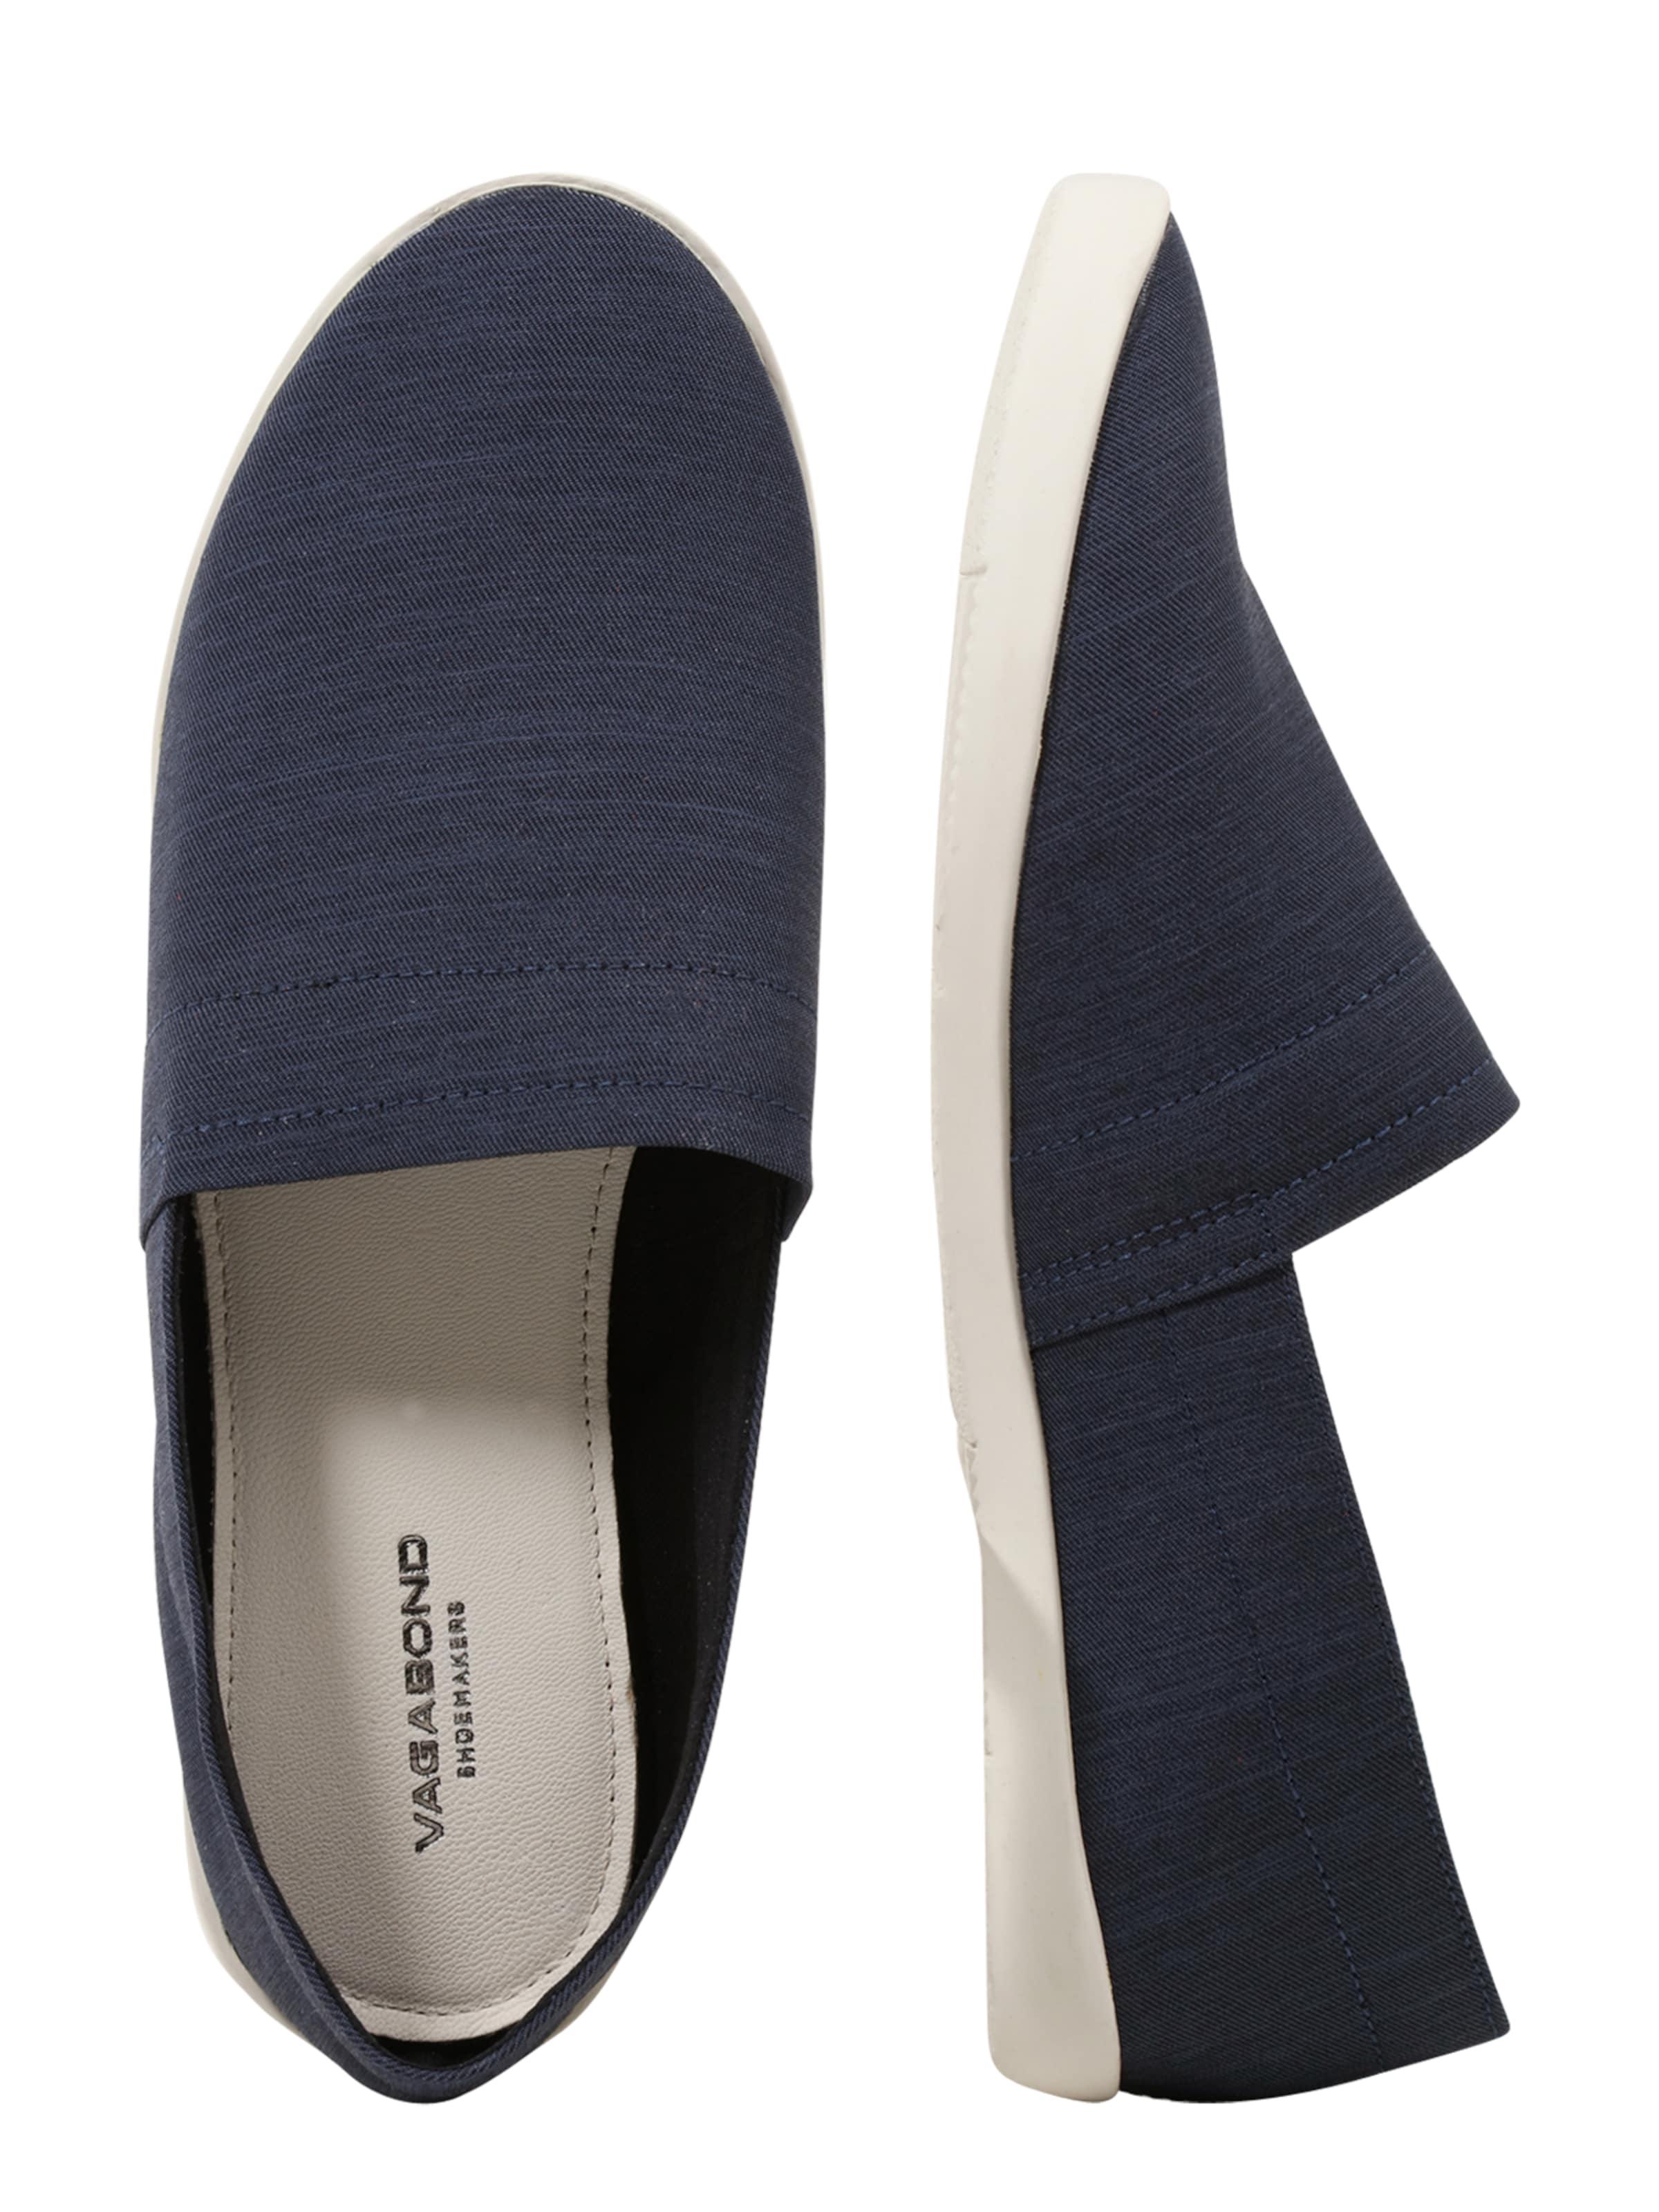 Vagabond Naturel FoncéBlanc En Bleu Espadrilles Shoemakers OiTZwkPXu